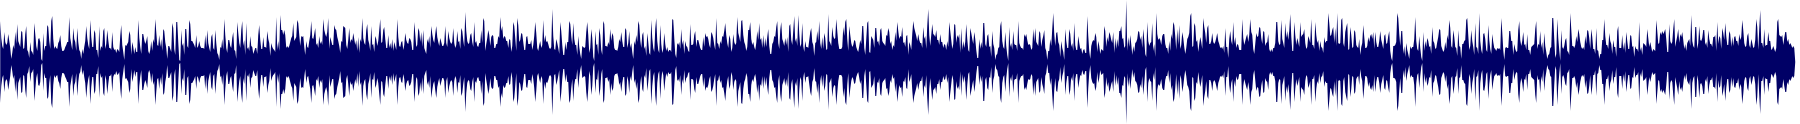 waveform of track #70862